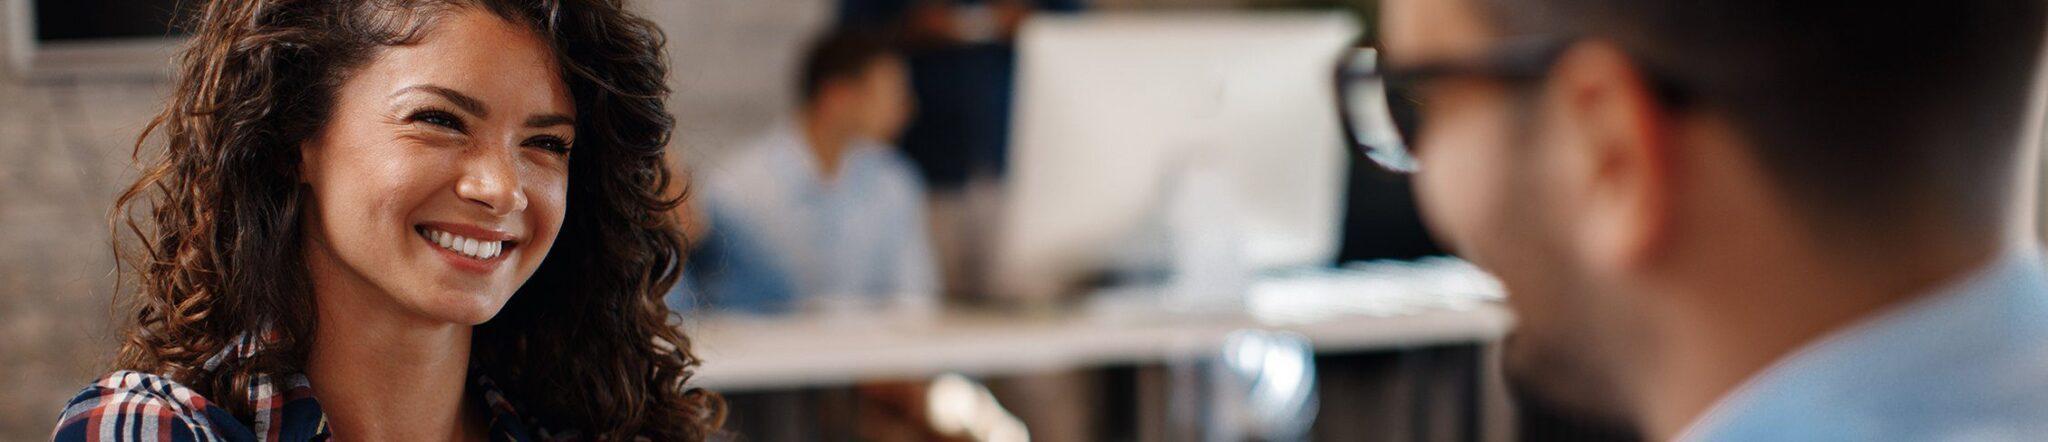 MWSG Employment trends Website Banner